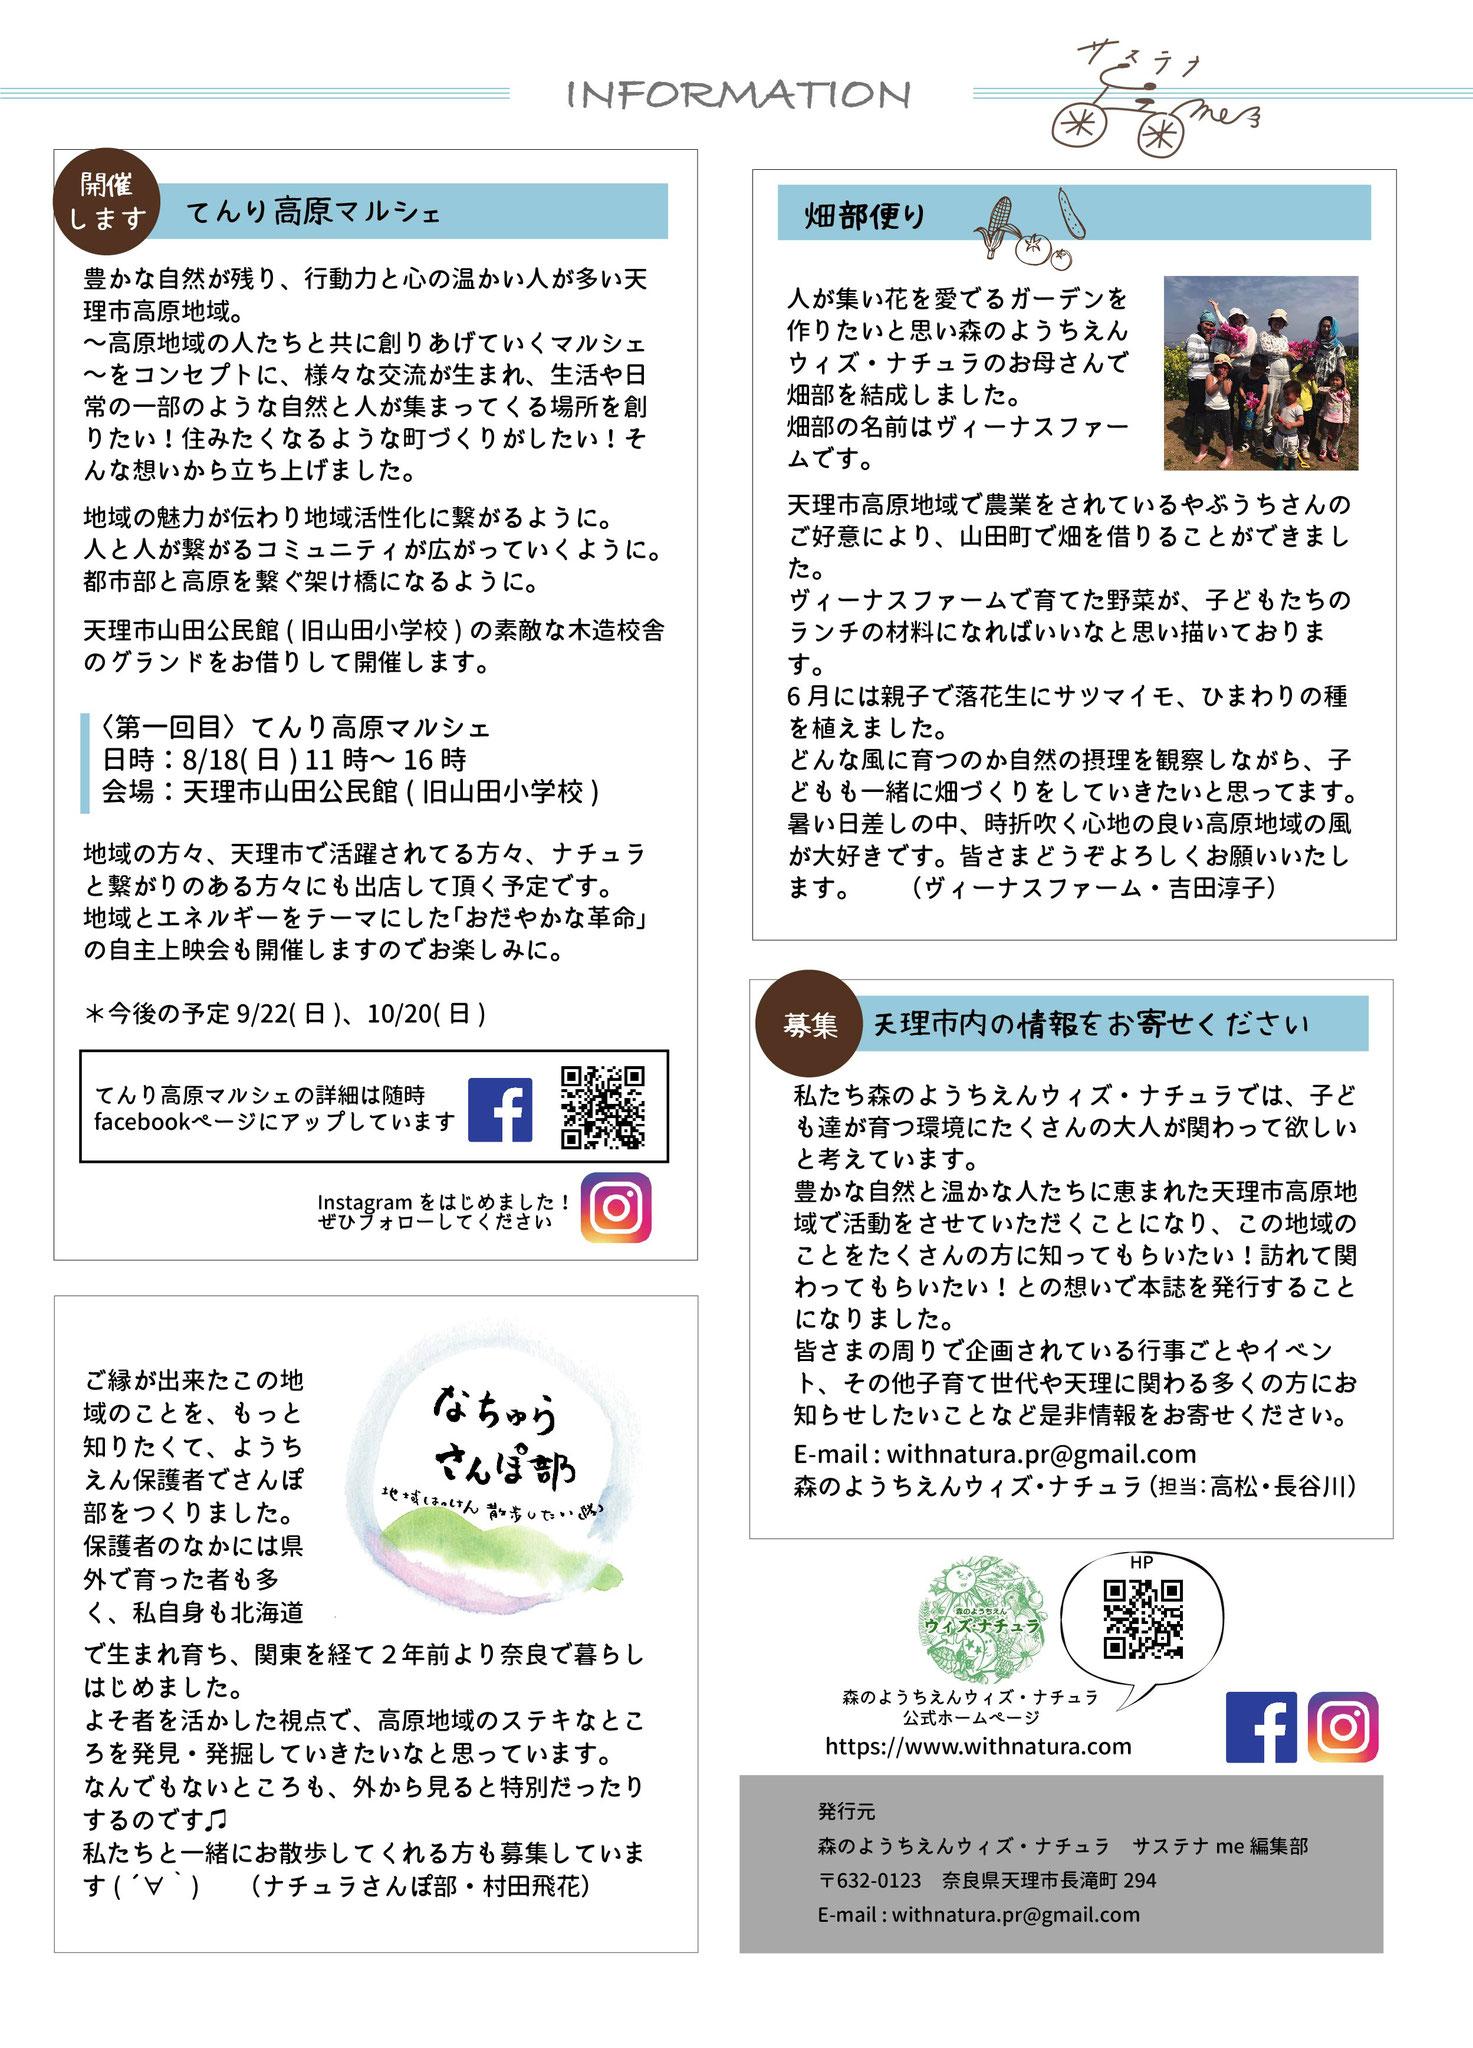 8ページ(インフォメーション)